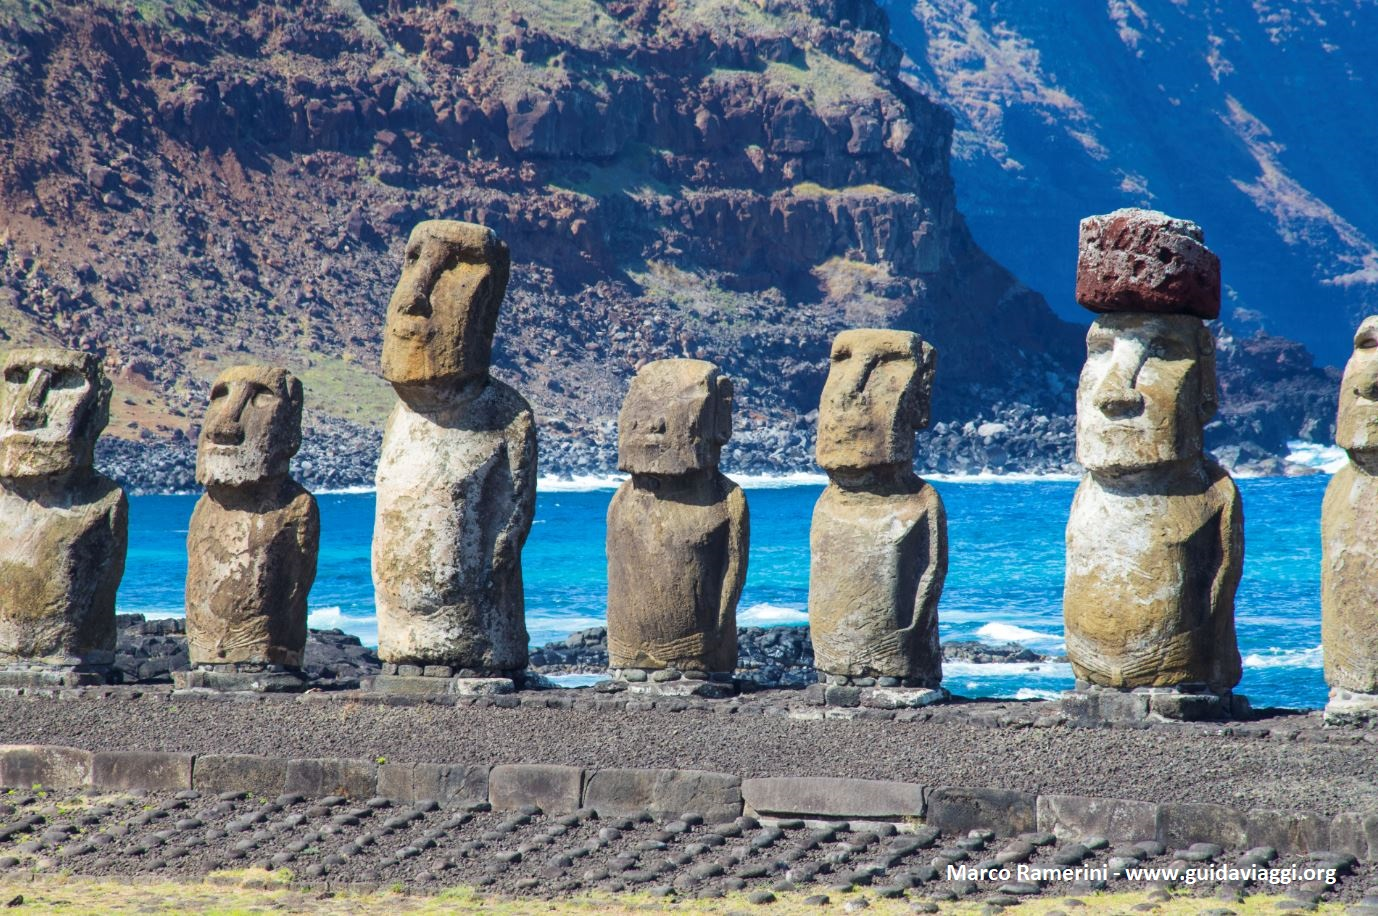 Ahu Tongariki, Île de Pâques, Chili. Auteur et Copyright Marco Ramerini